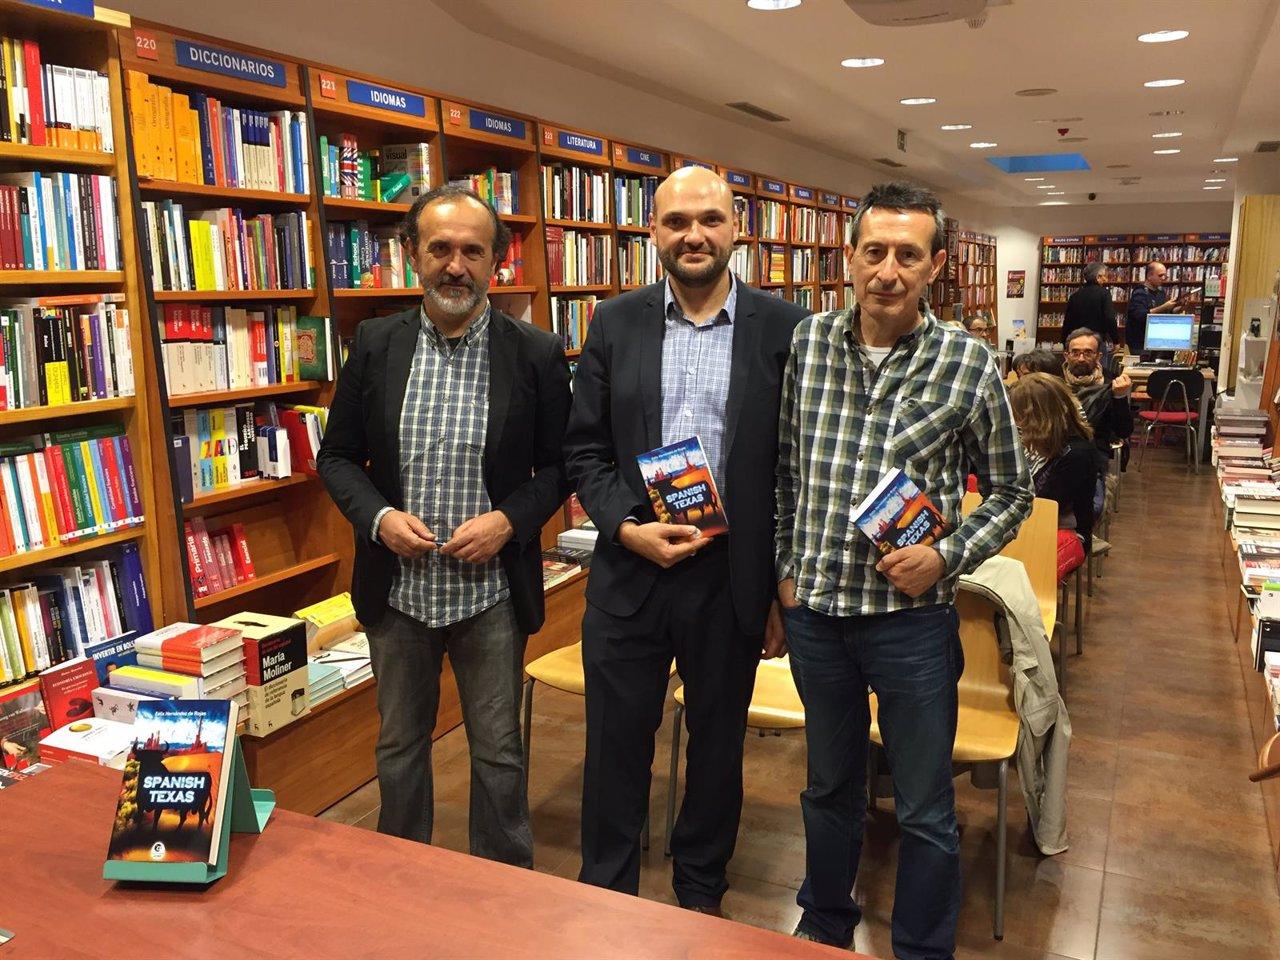 El autor (centro), junto a Castán (derecha) y Javier Blanco (izda).